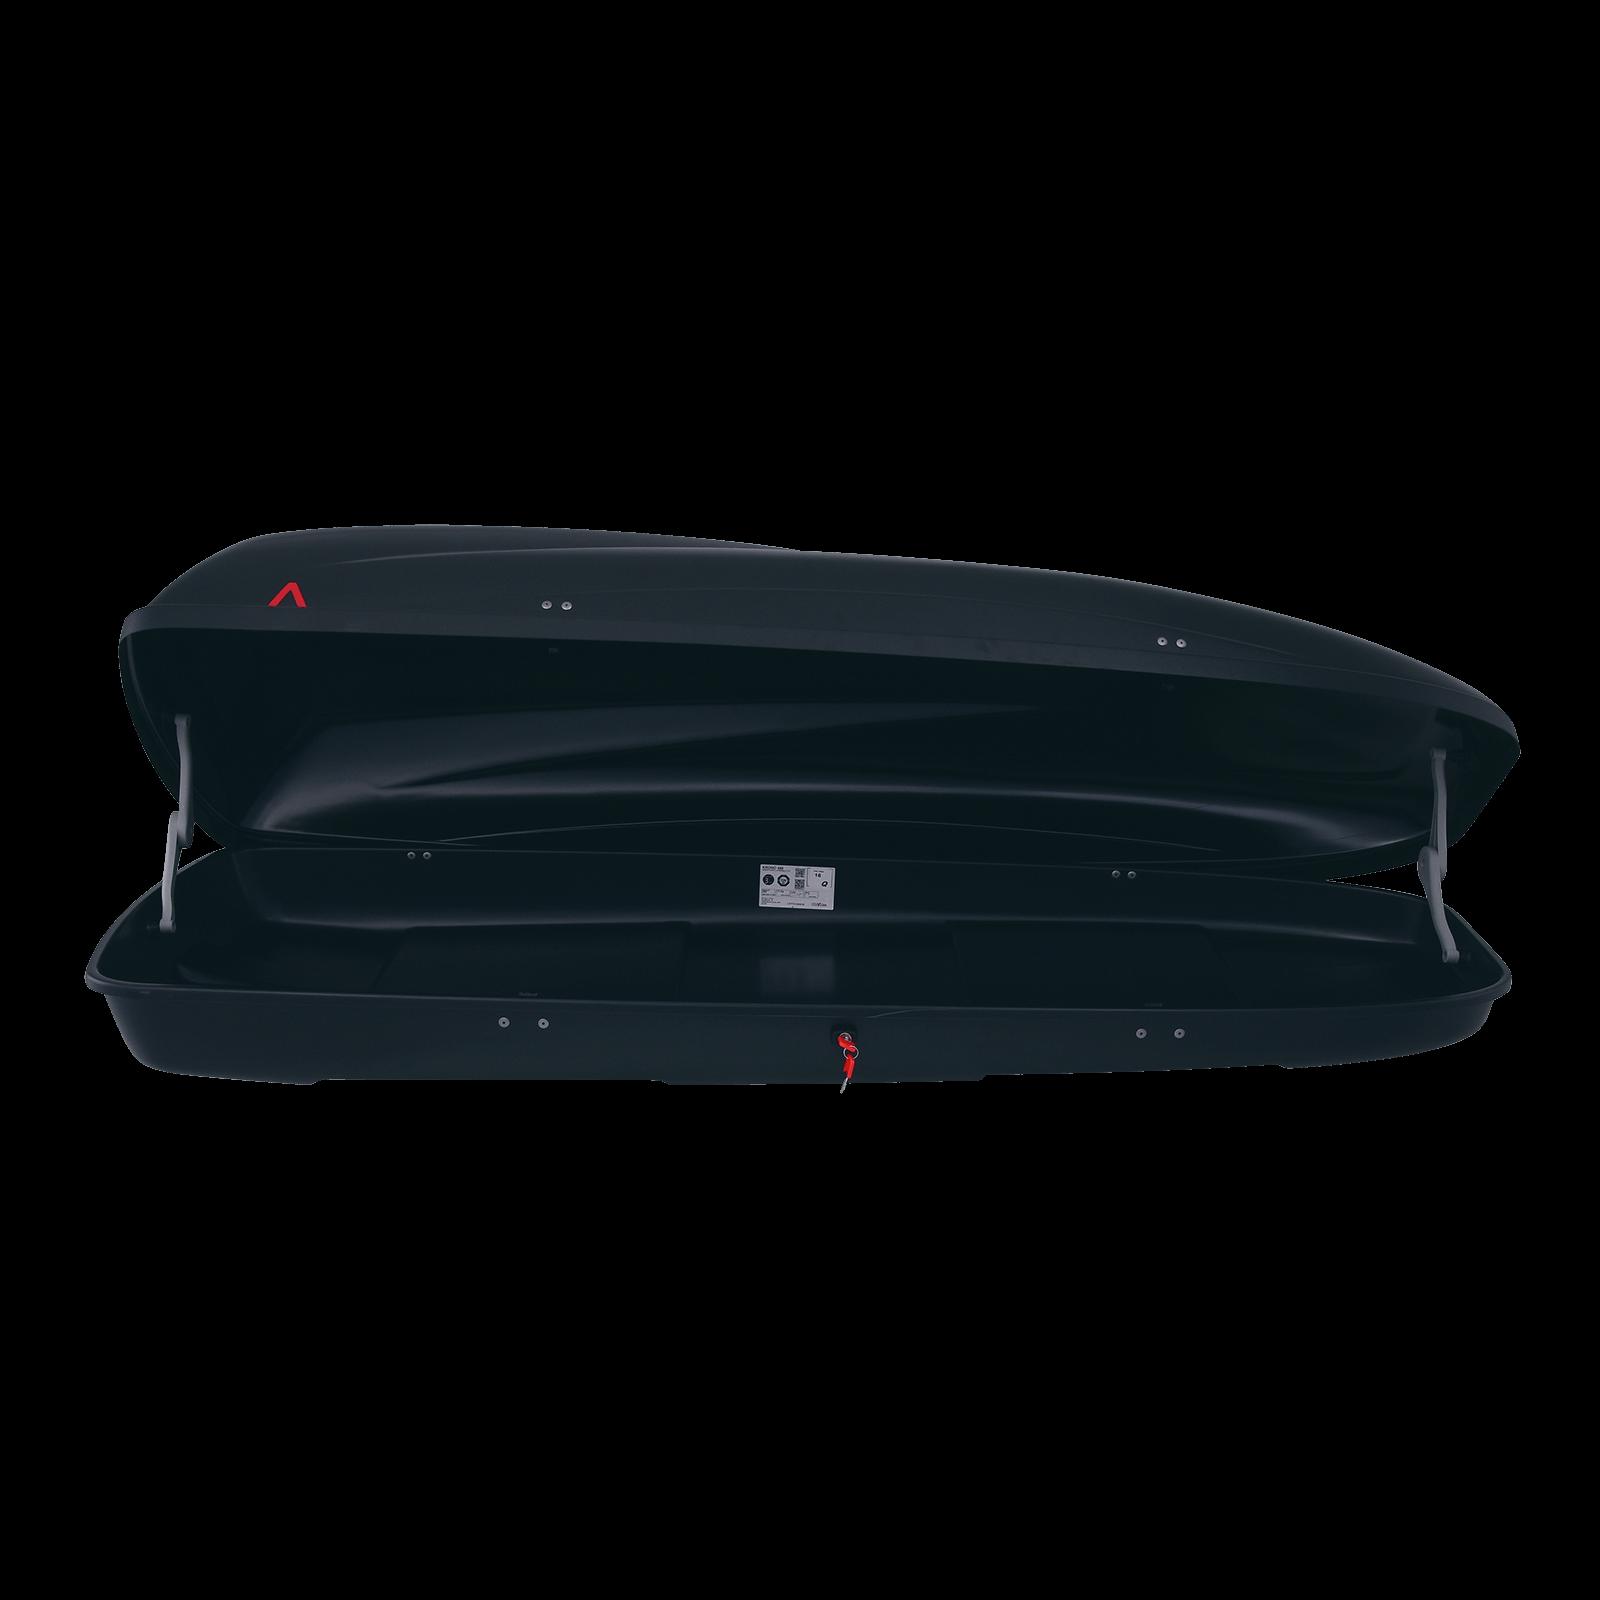 Dachbox G3 Krono 480 schwarz matt - Bild 2